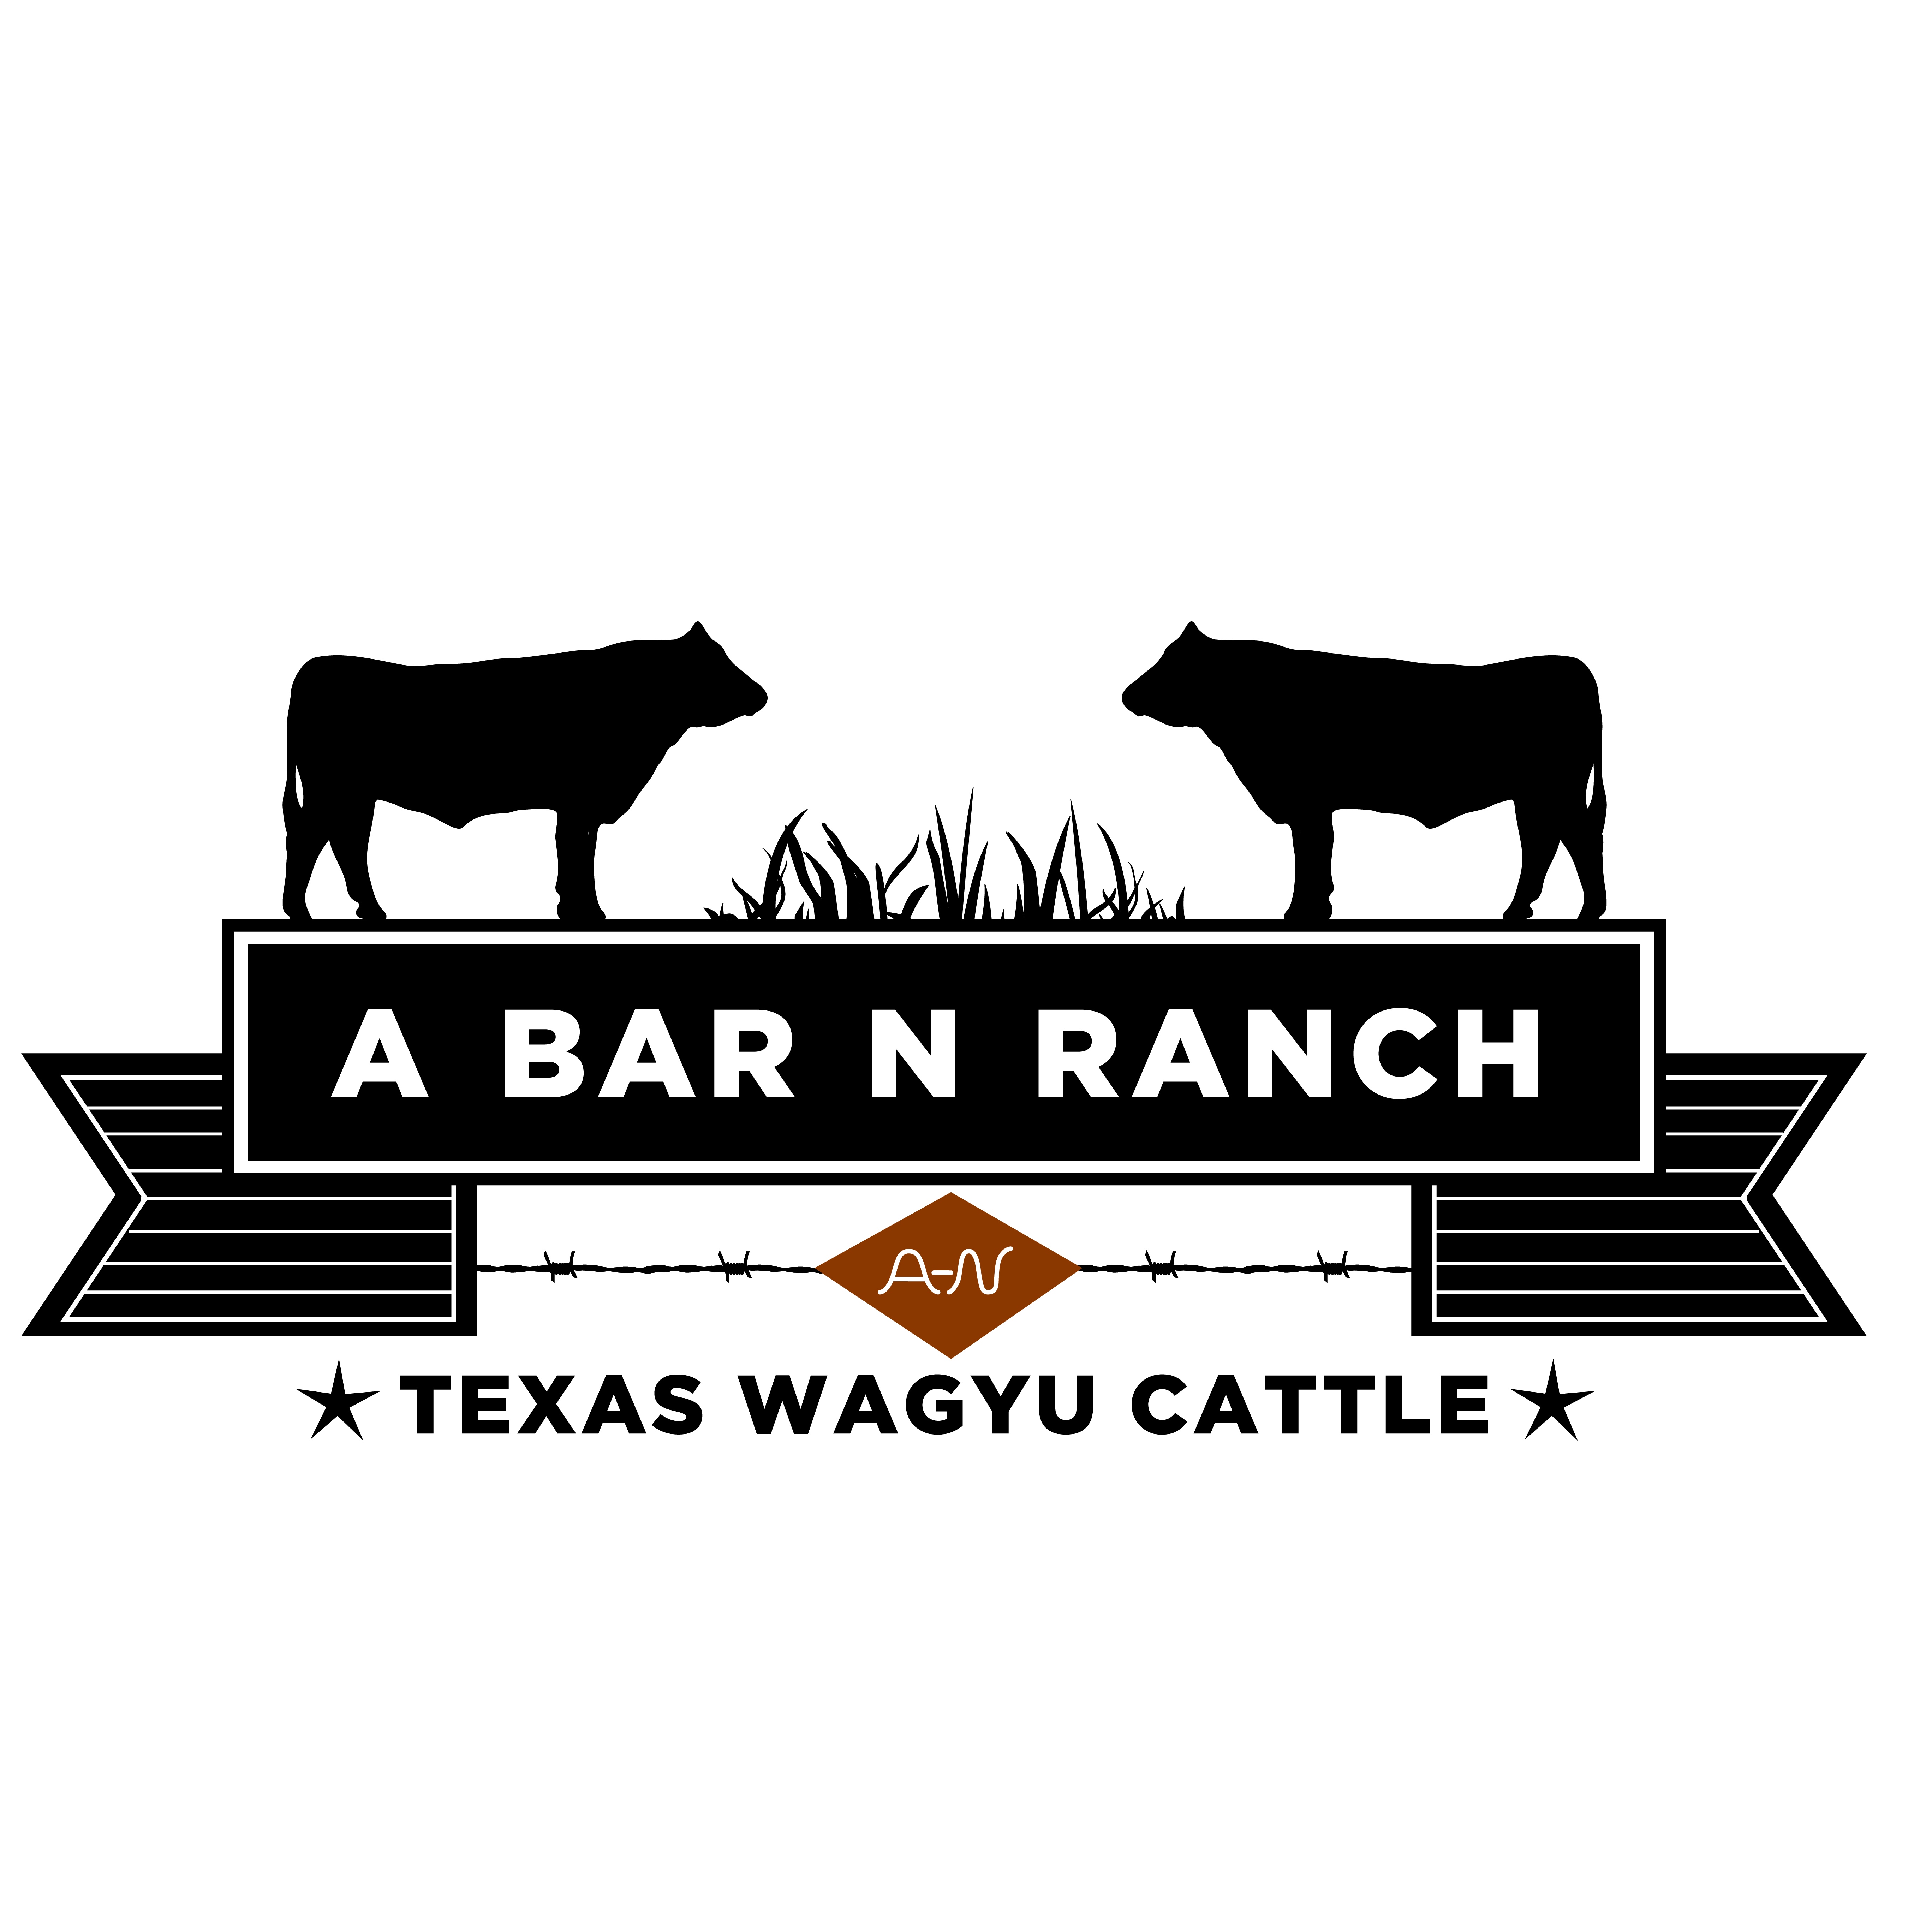 A Bar N Ranch